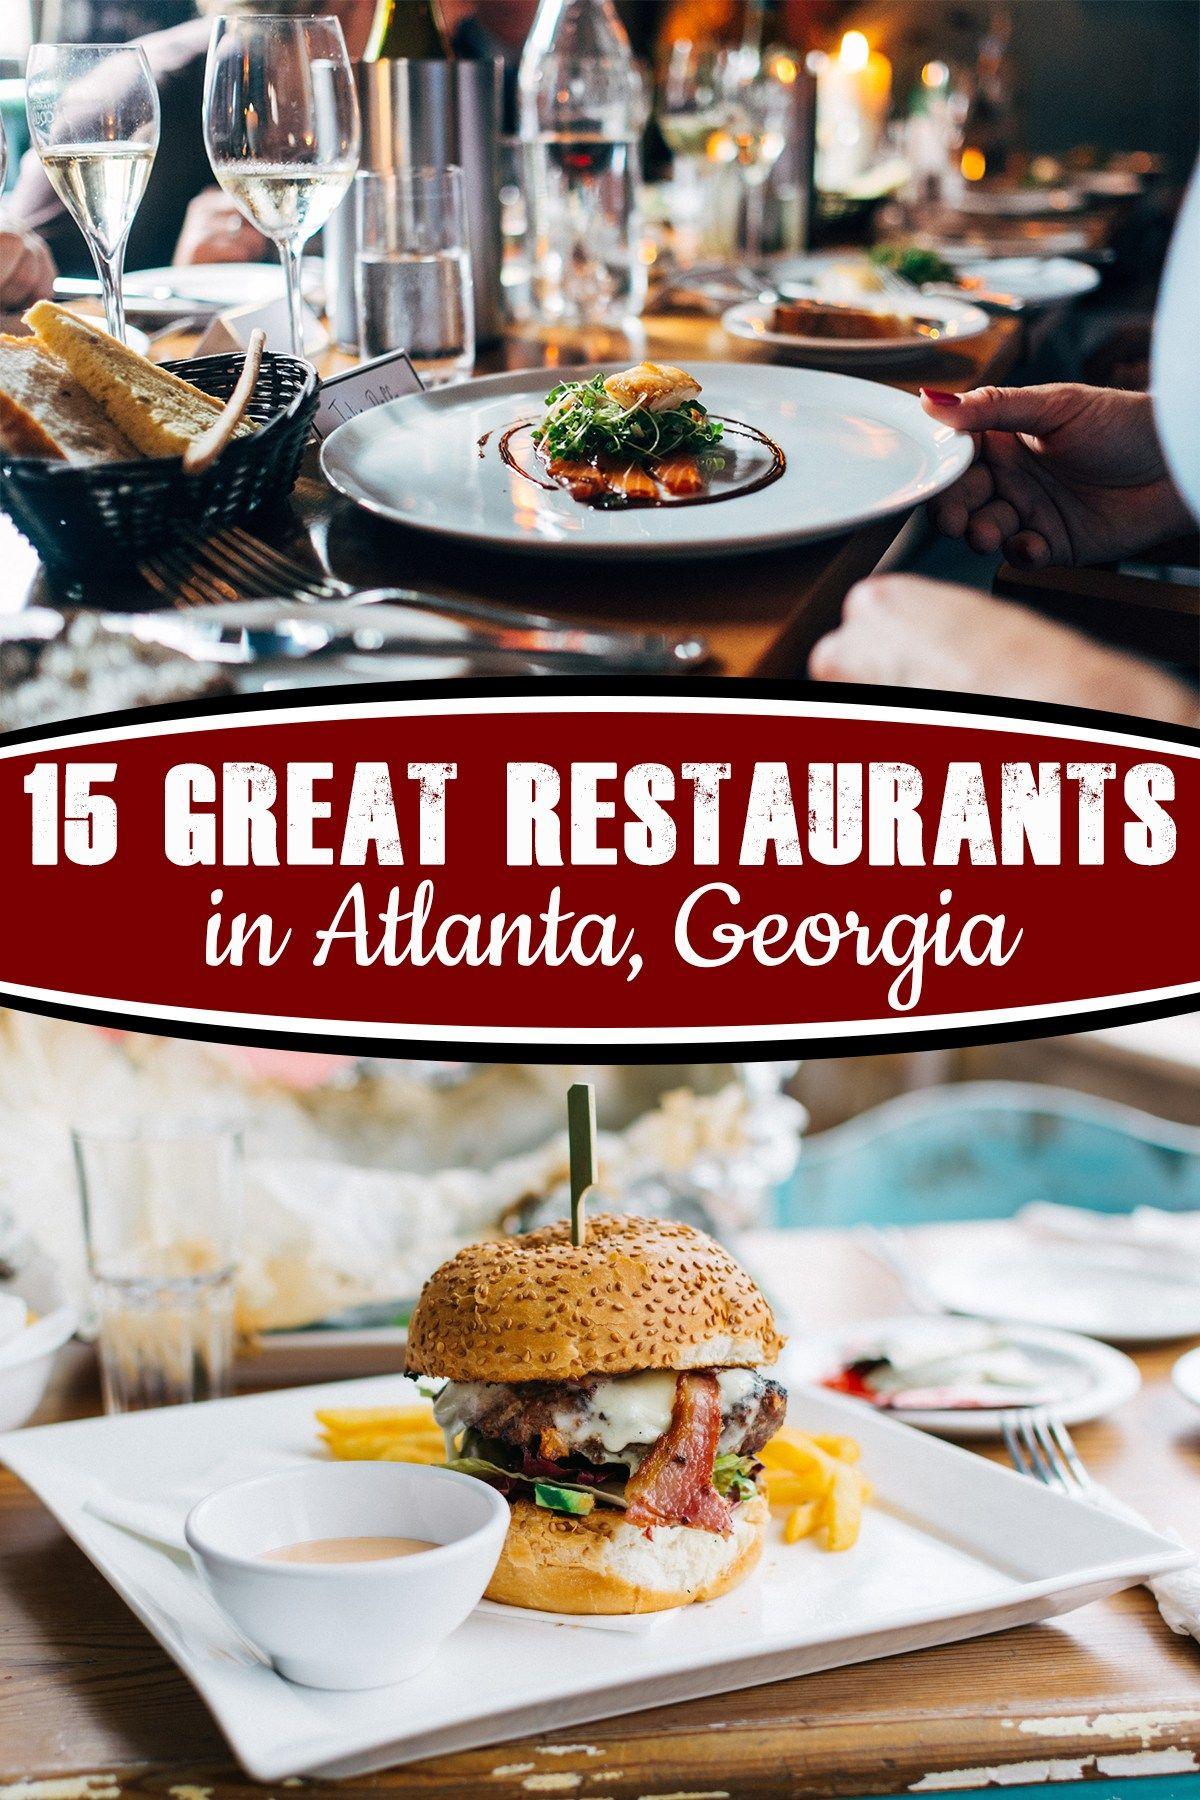 15 More Great Restaurants In Atlanta Georgia In 2020 Atlanta Food Georgia Food Places To Eat